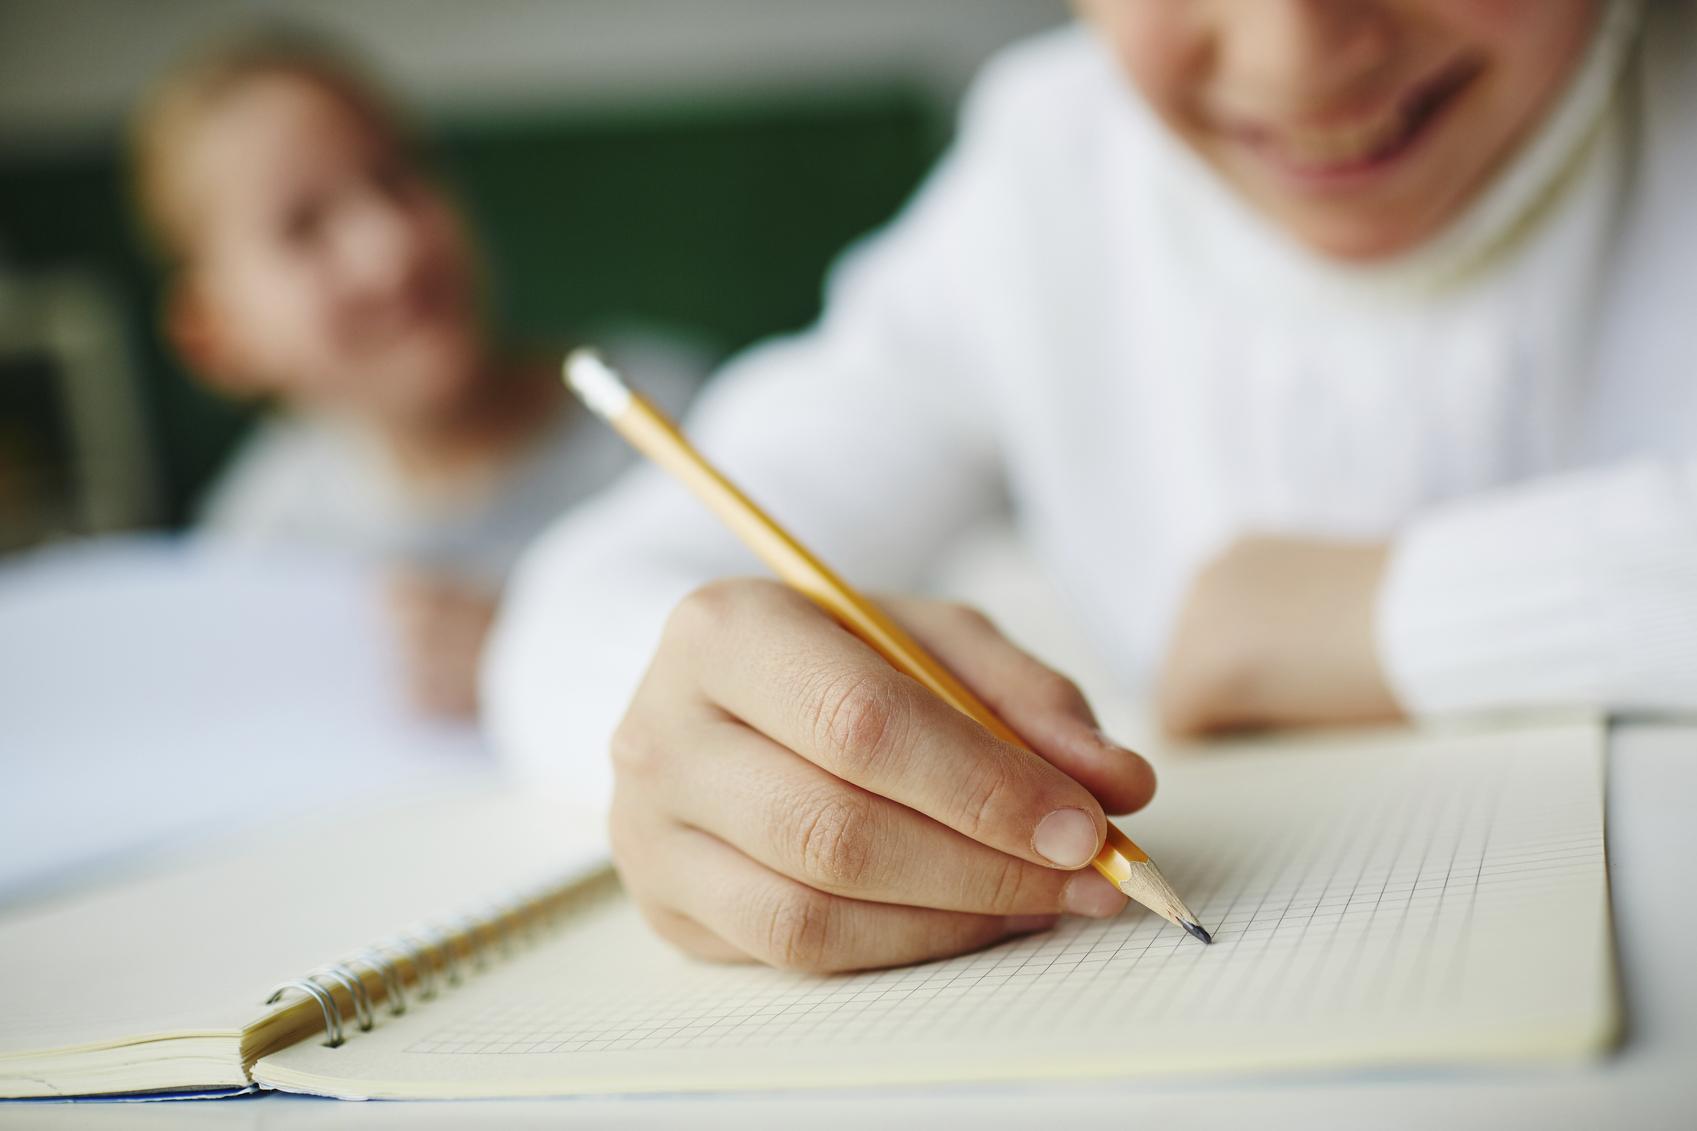 การสอบ การสอบ IELTS เรียนต่อต่างประเทศ